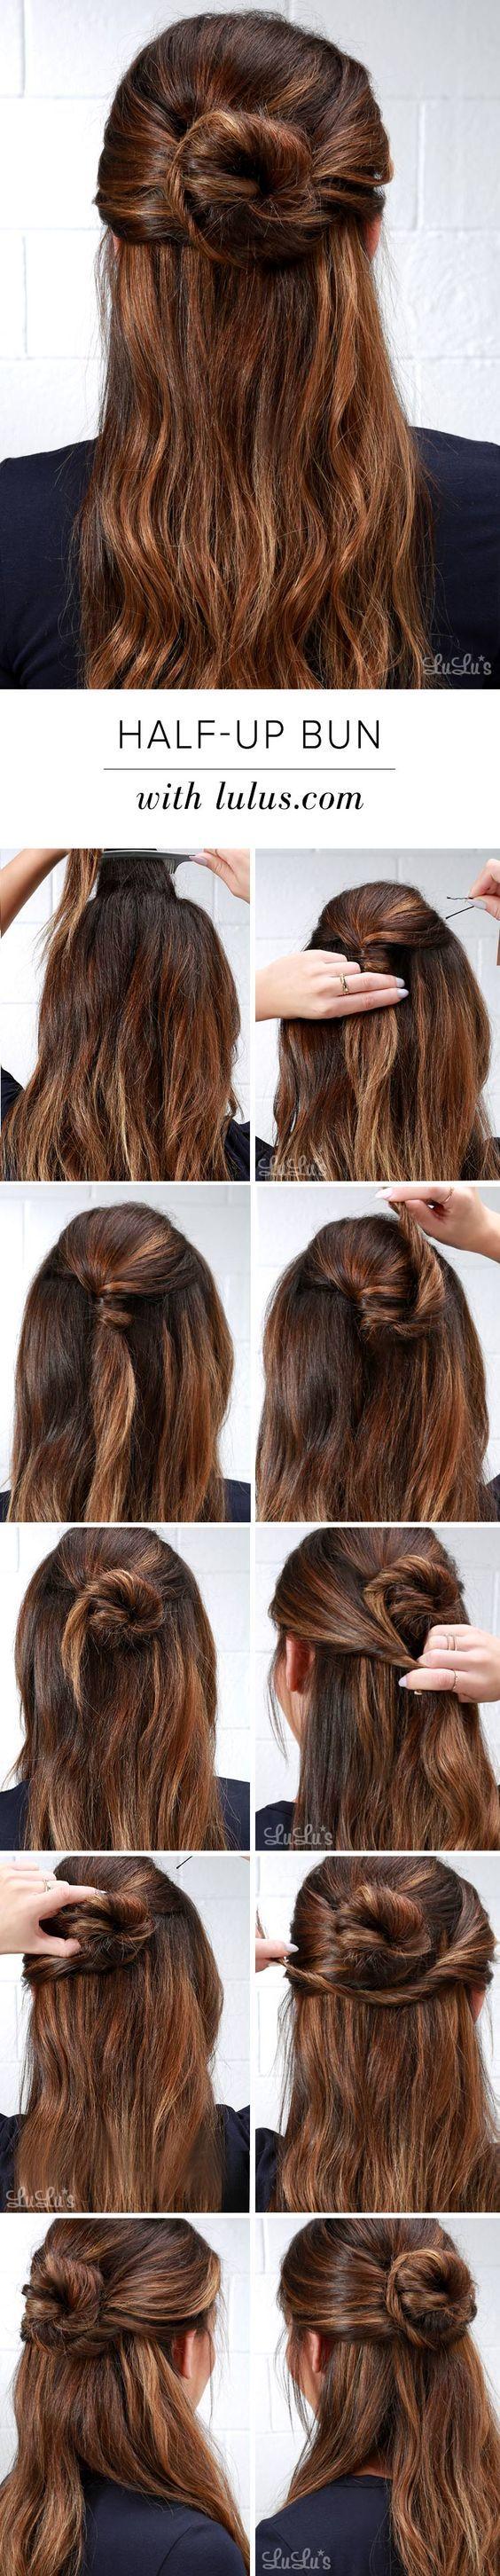 17 Tutorials To Show You How To Make Half Buns Pretty Designs Hair Styles Long Hair Styles Hair Bun Tutorial